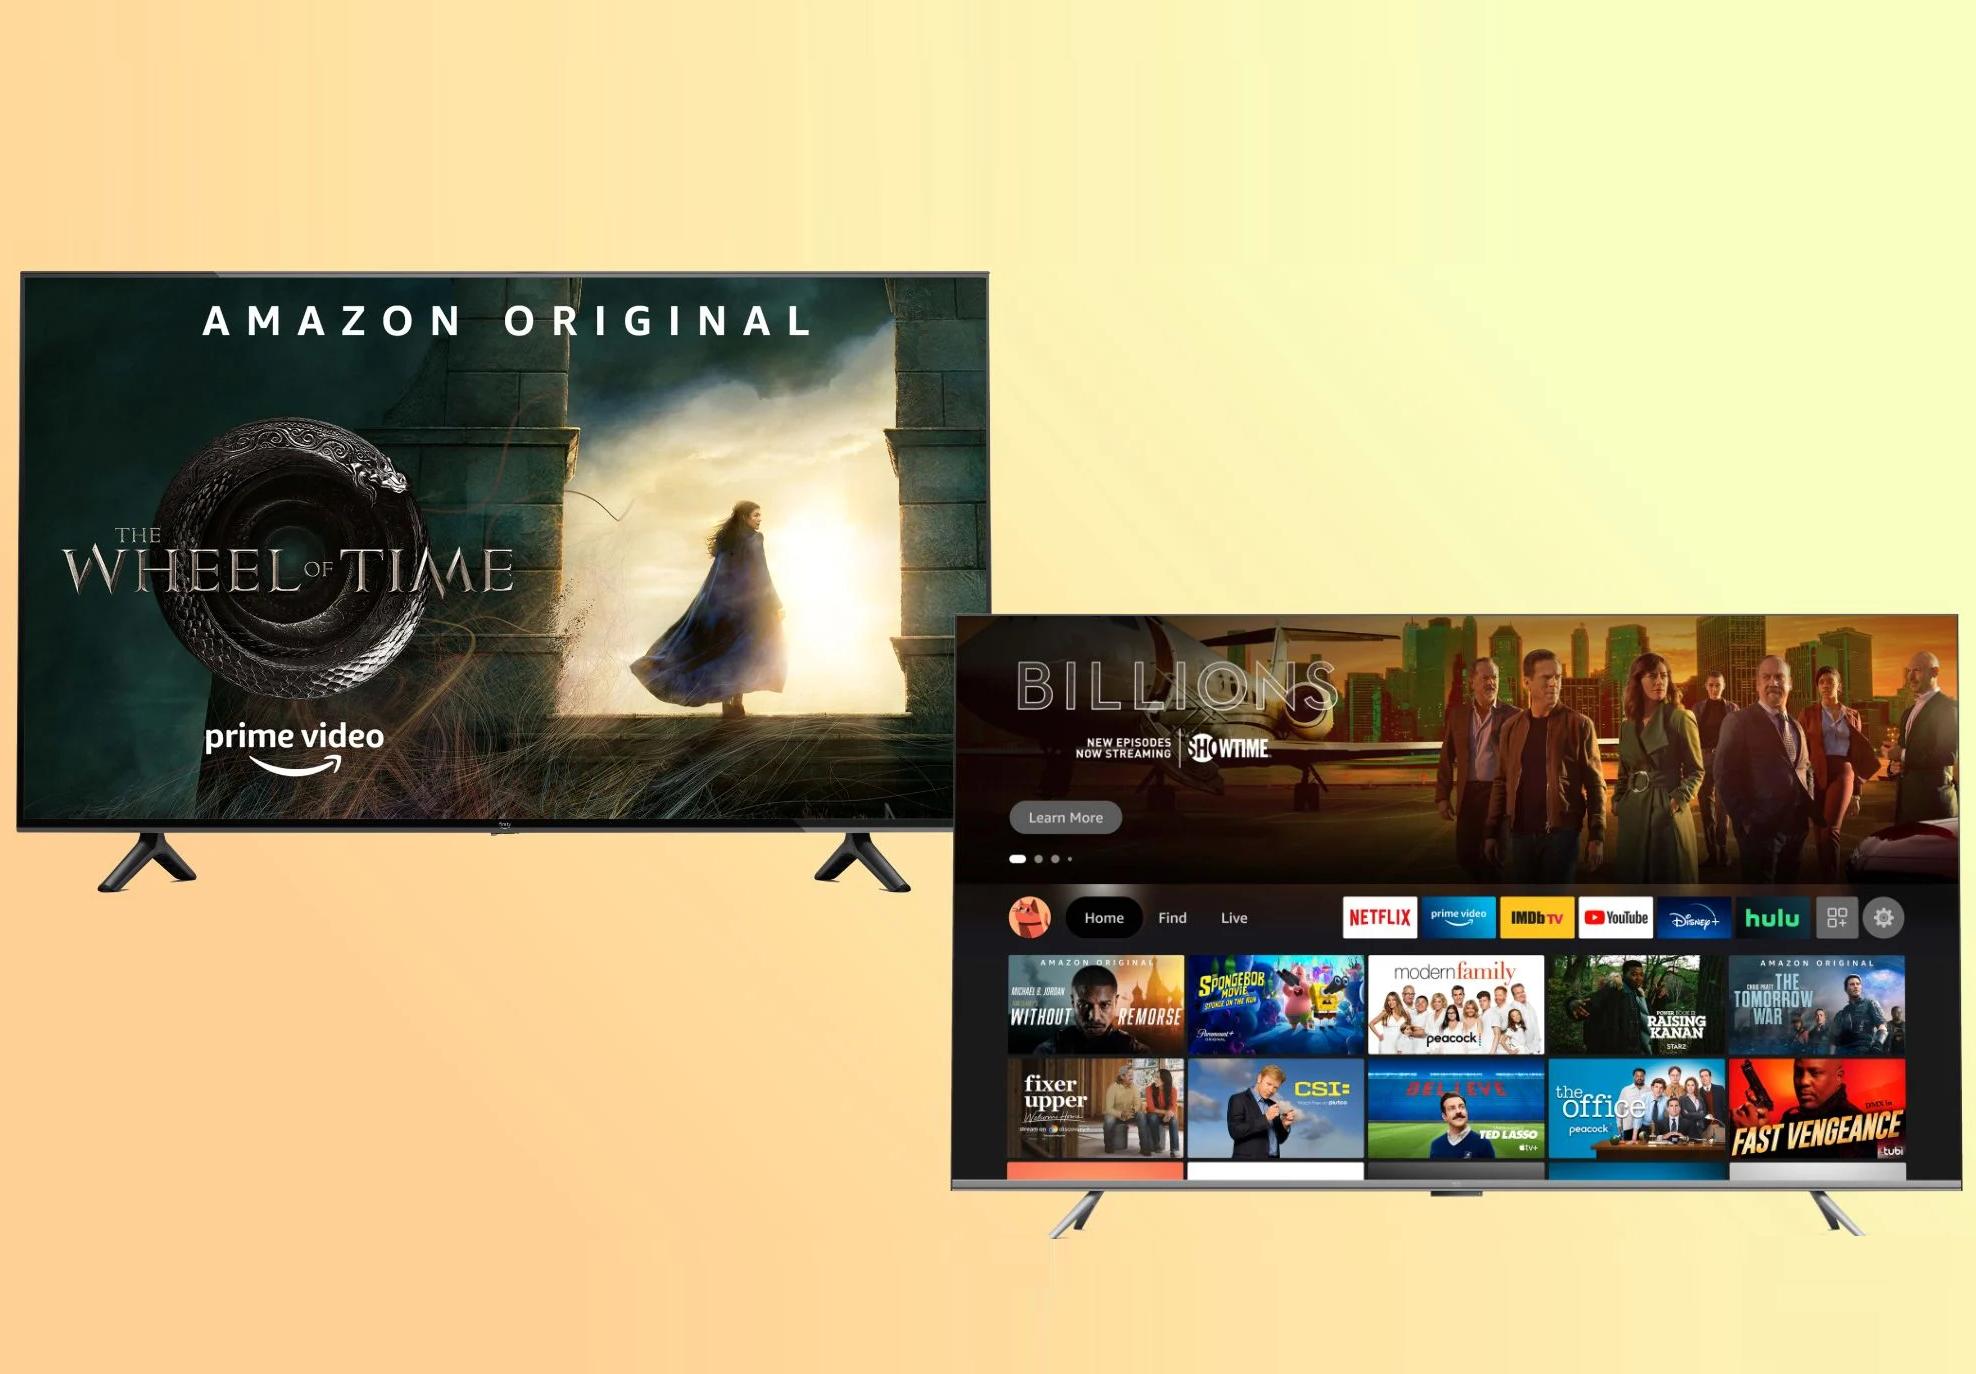 Amazon Fire TV Omni Series vs Fire TV 4-Series